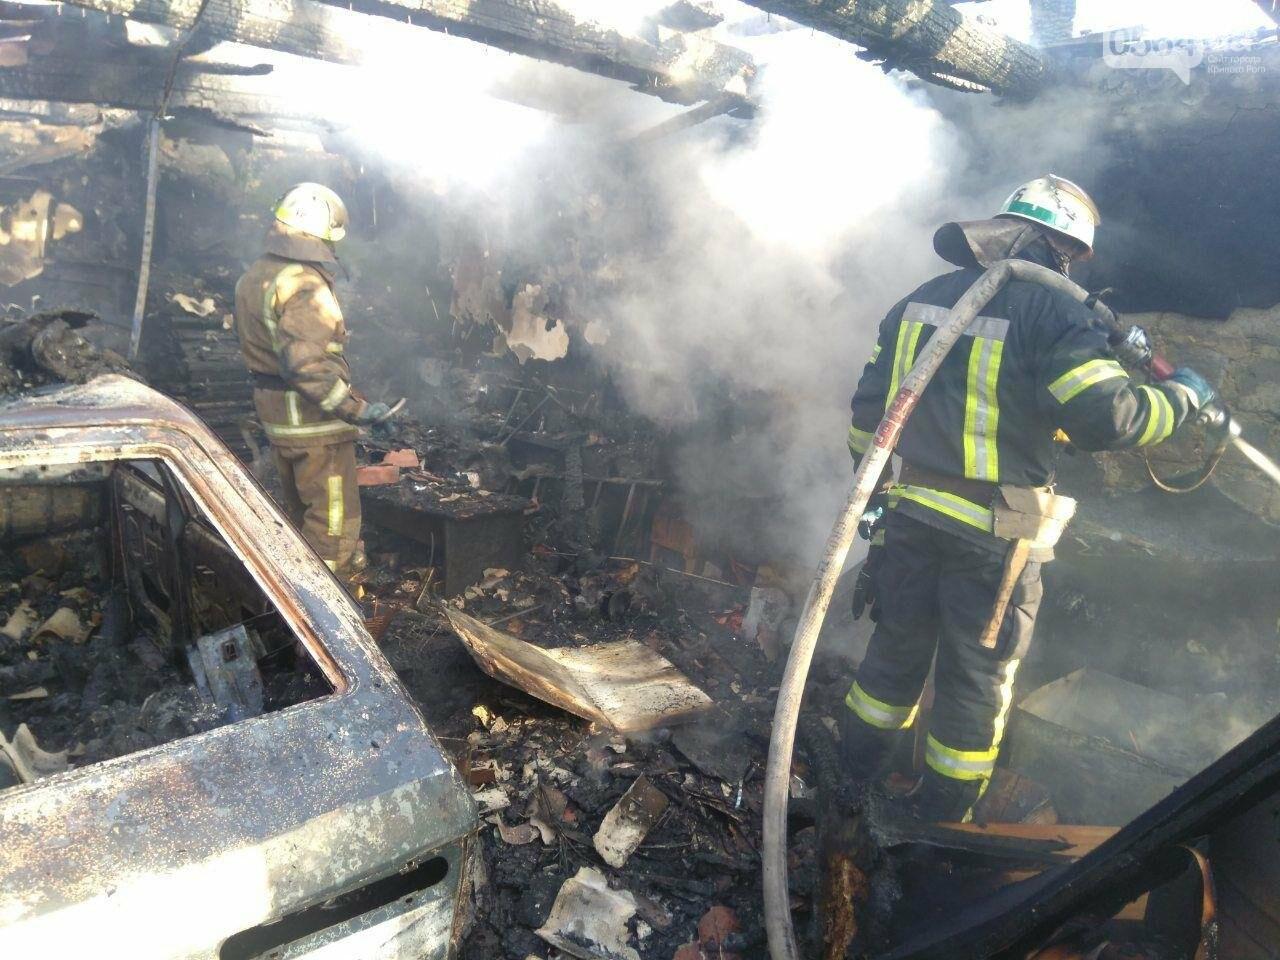 Машина, гараж, крыша летней кухни сгорели в результате пожара в Кривом Роге, - ФОТО  , фото-8